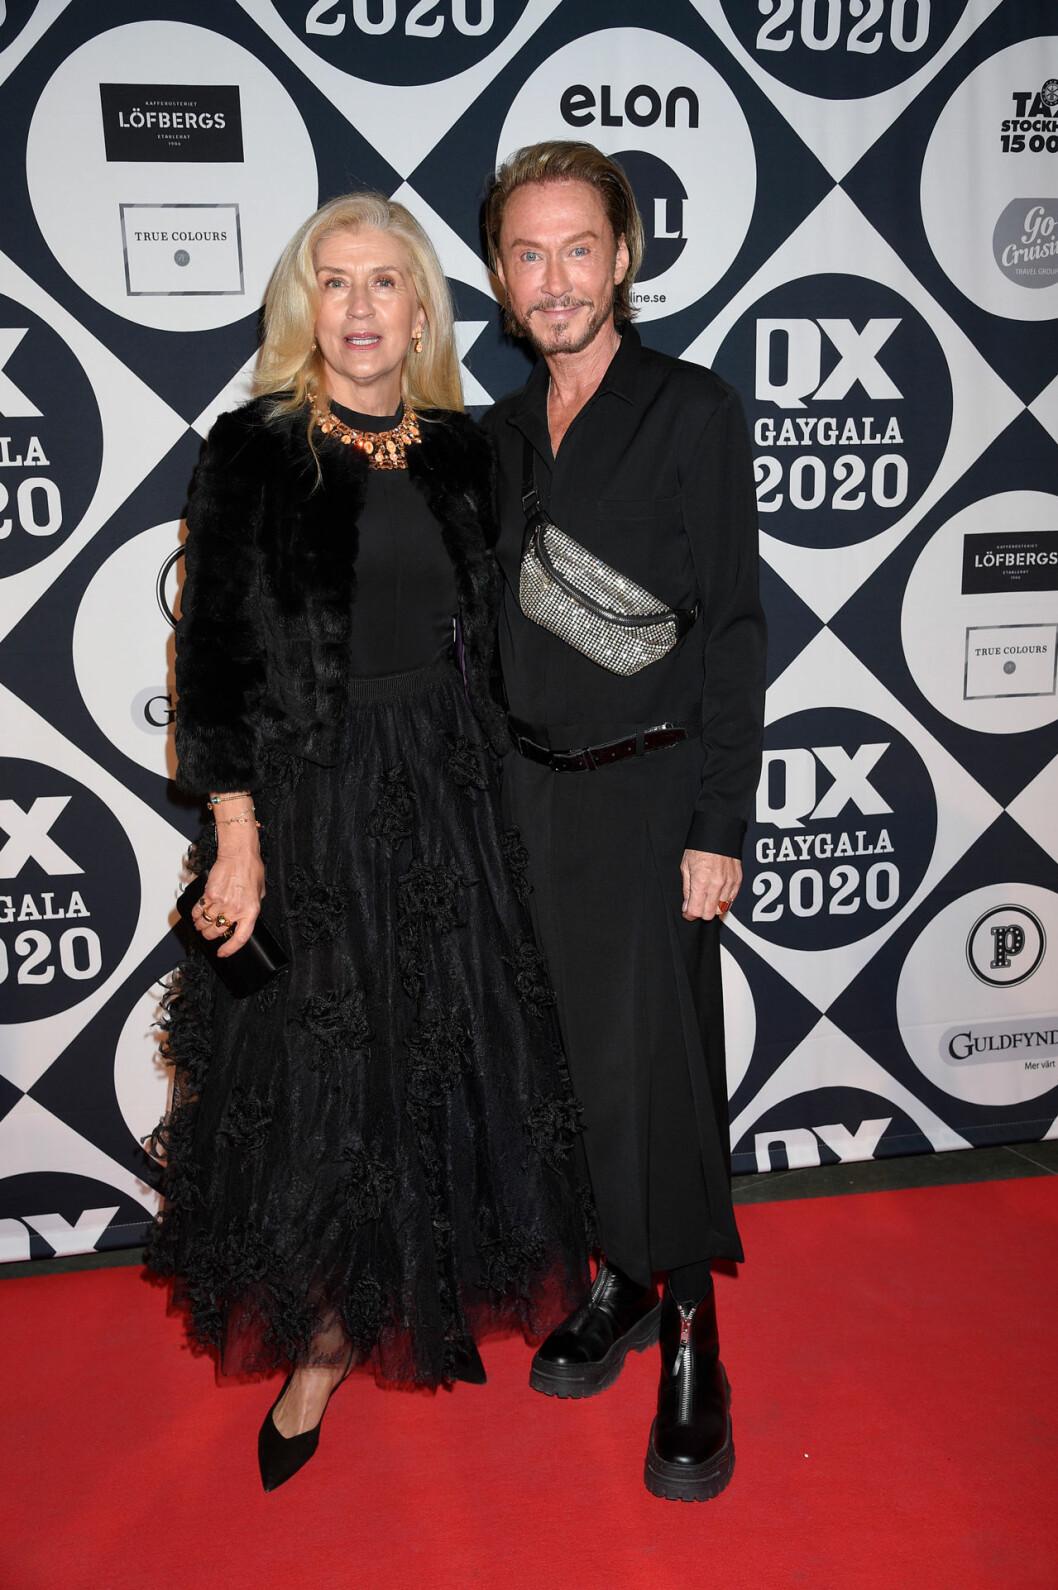 Tina Törnquist och Christer Lindarw på röda mattan på QX-galan 2020